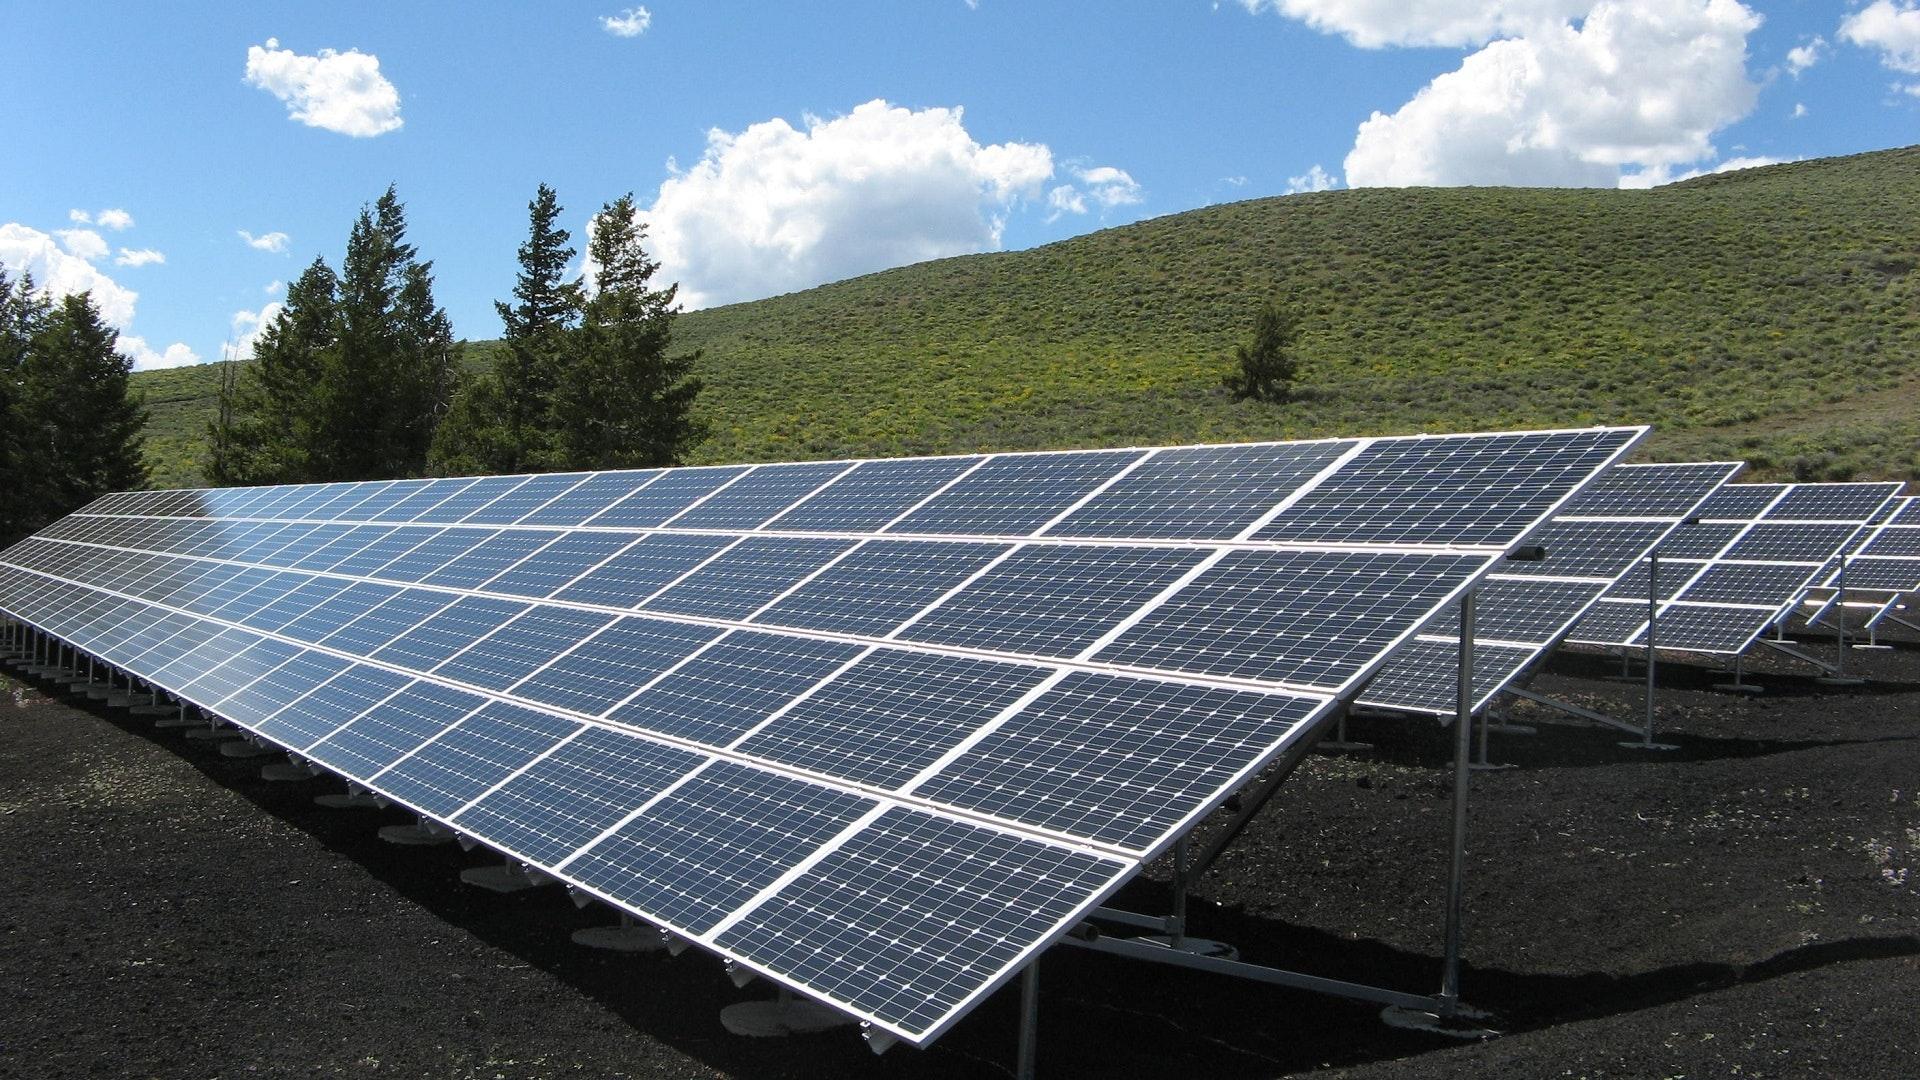 Solar Power Panel On Summer Season